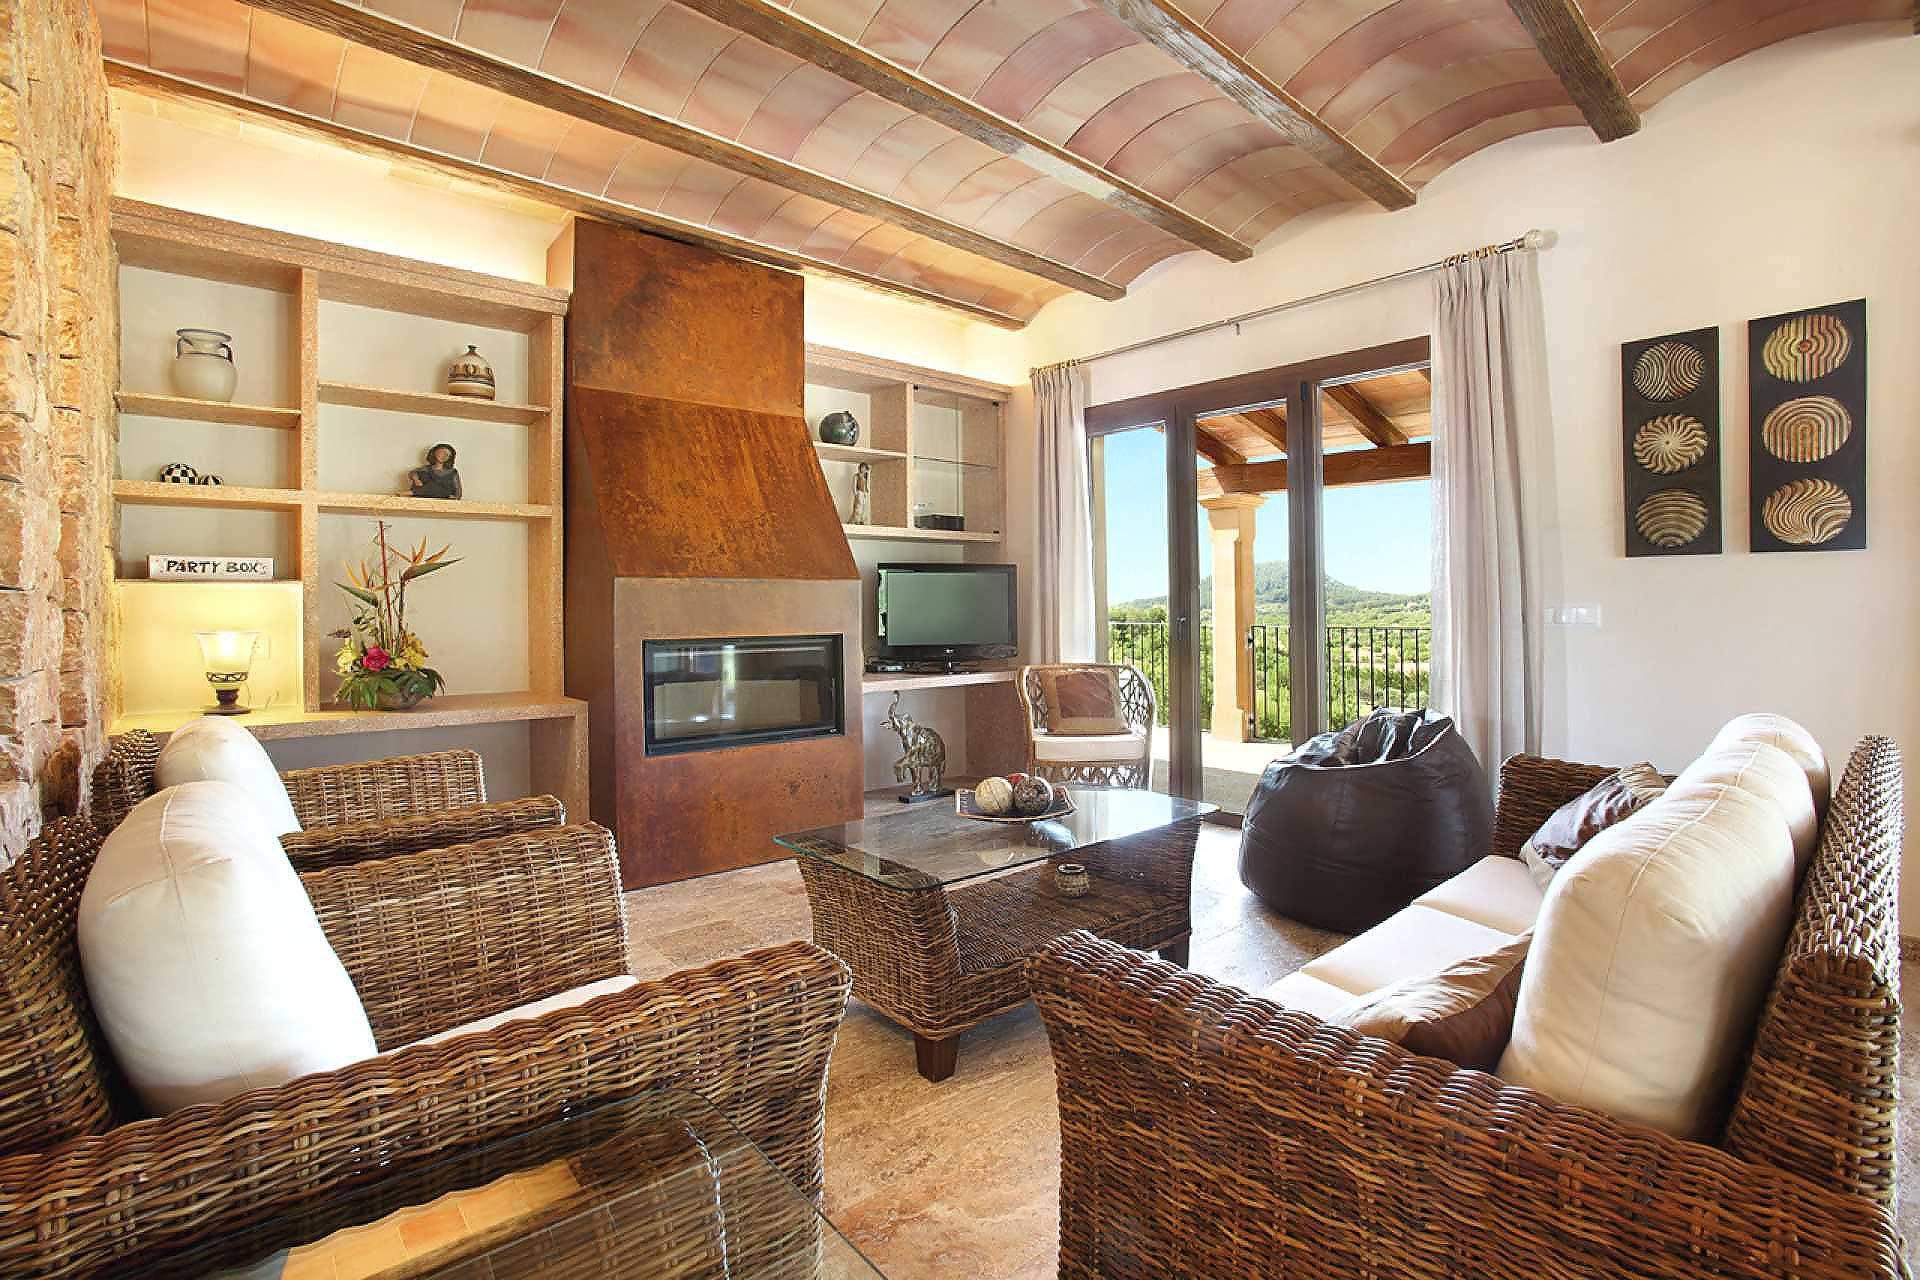 01-45 Exklusive Finca Mallorca Osten Bild 19